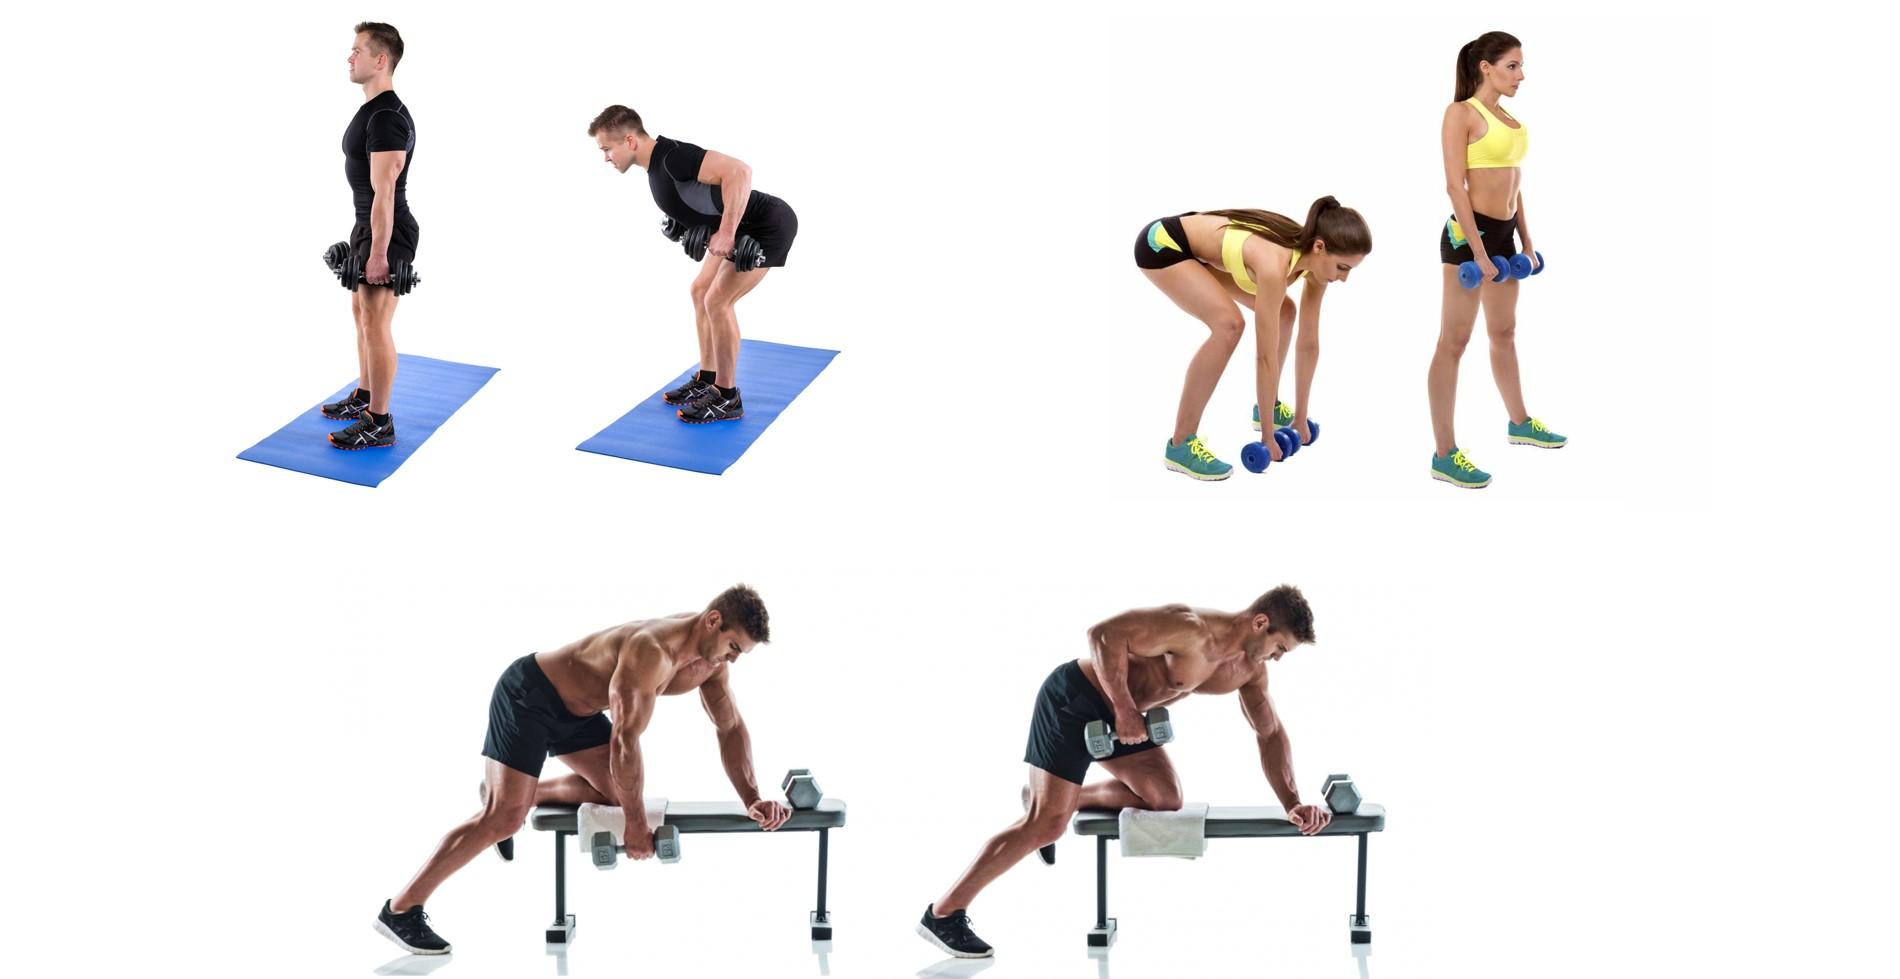 ダンベル 背中 トレーニング